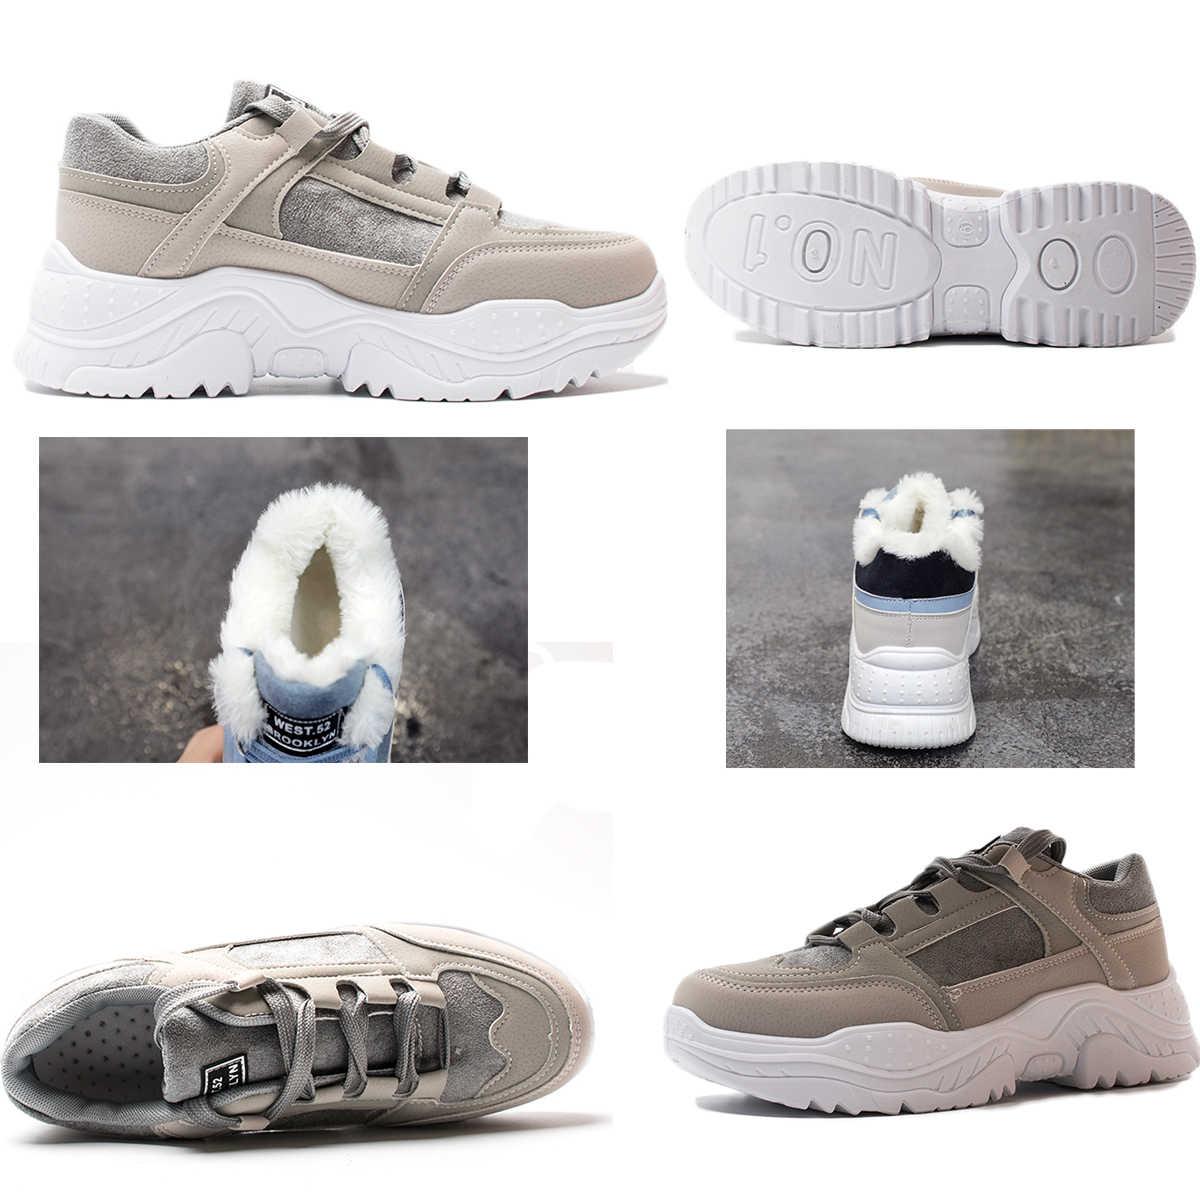 Fujin Plattform Wohnungen Frauen Schuhe 2020 Winter Plüsch Stiefel Schuhe Frühling Herbst Atmungs Beiläufige Schuhe Wohnungen Creepers